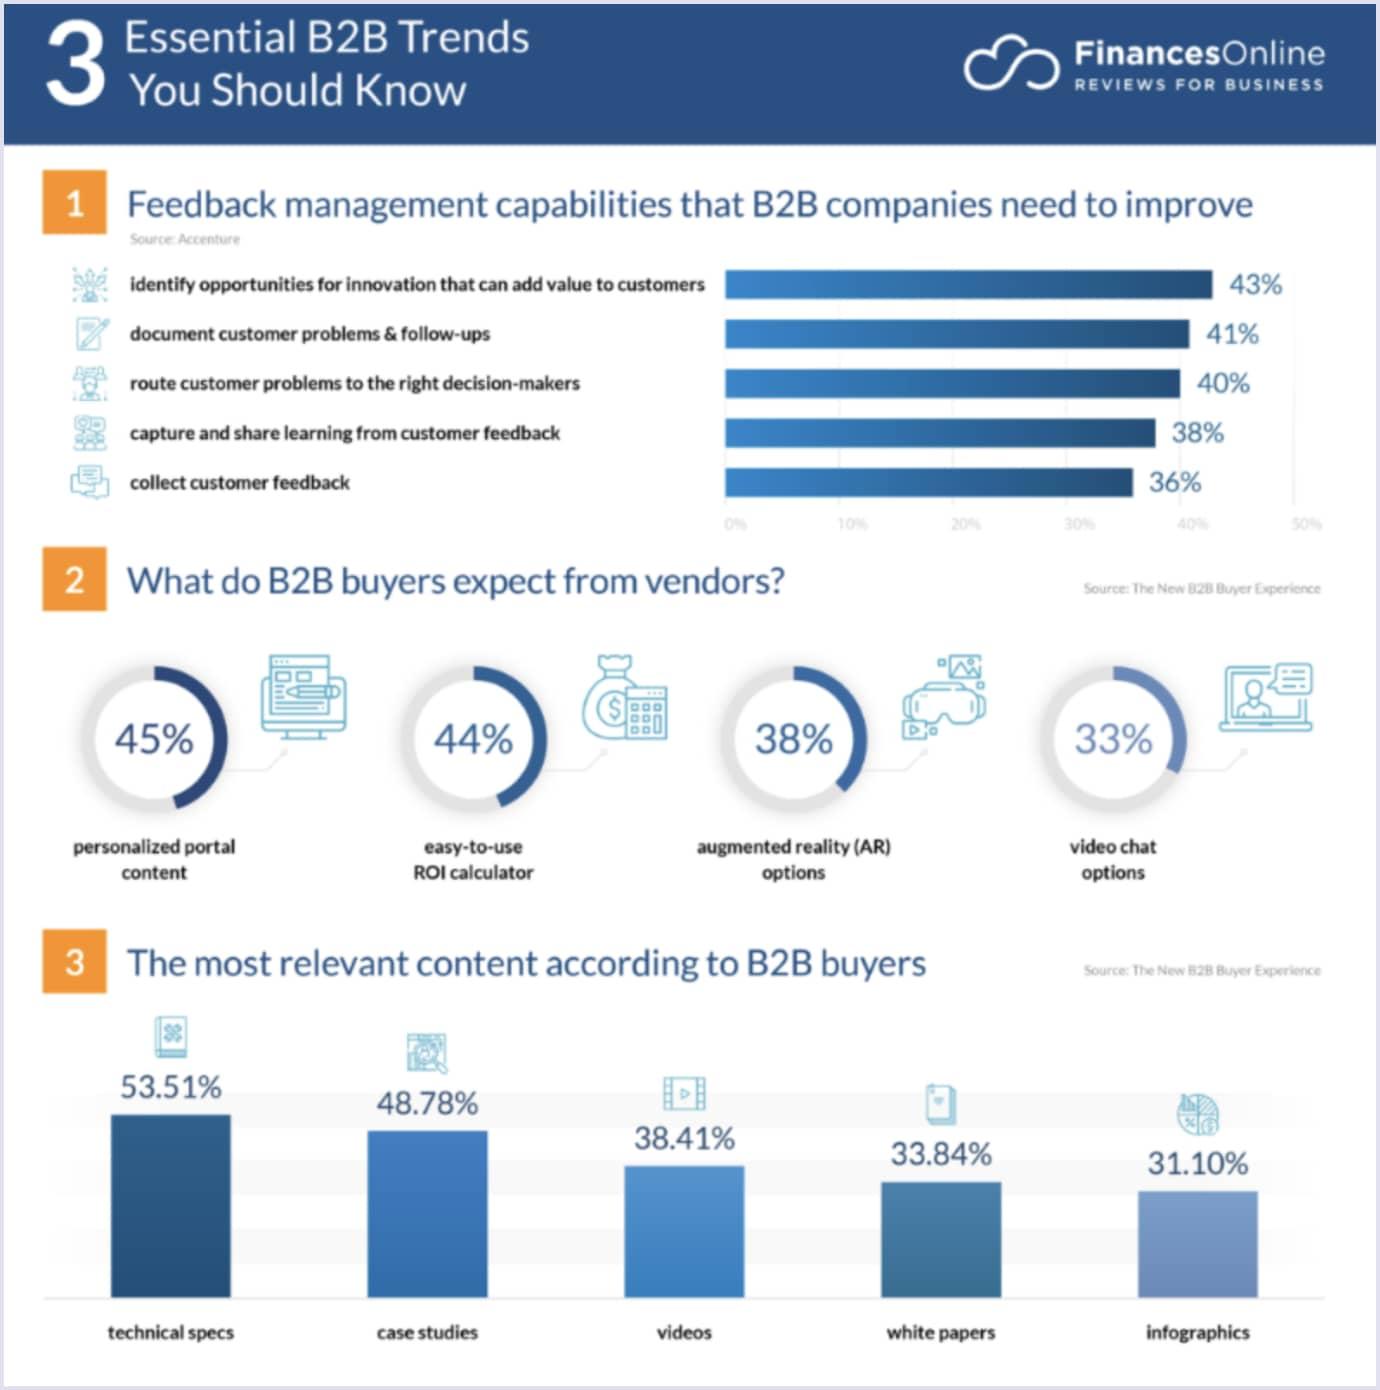 Powerful B2B trends by FinancesOnline